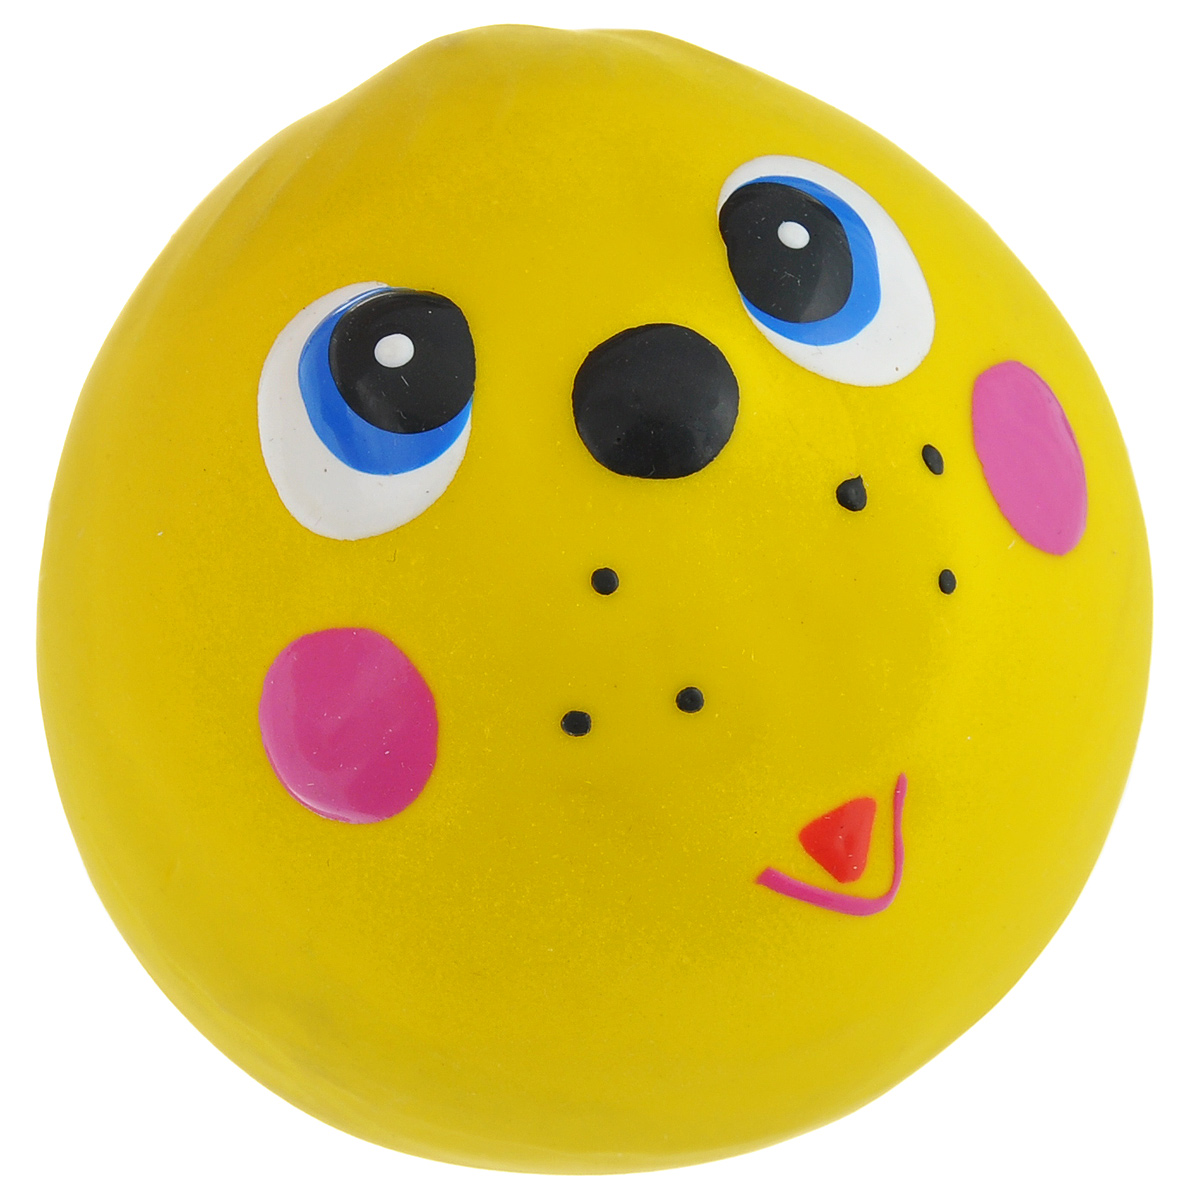 Игрушка для собак I.P.T.S. Мяч с мордочкой, цвет: желтый, диаметр 7 см0120710Игрушка для собак I.P.T.S. Мяч с мордочкой, изготовленная из высококачественного латекса, выполнена в виде мячика с милой мордочкой. Такая игрушка порадует вашего любимца, а вам доставит массу приятных эмоций, ведь наблюдать за игрой всегда интересно и приятно. Оставшись в одиночестве, ваша собака будет увлеченно играть.Диаметр: 7 см.